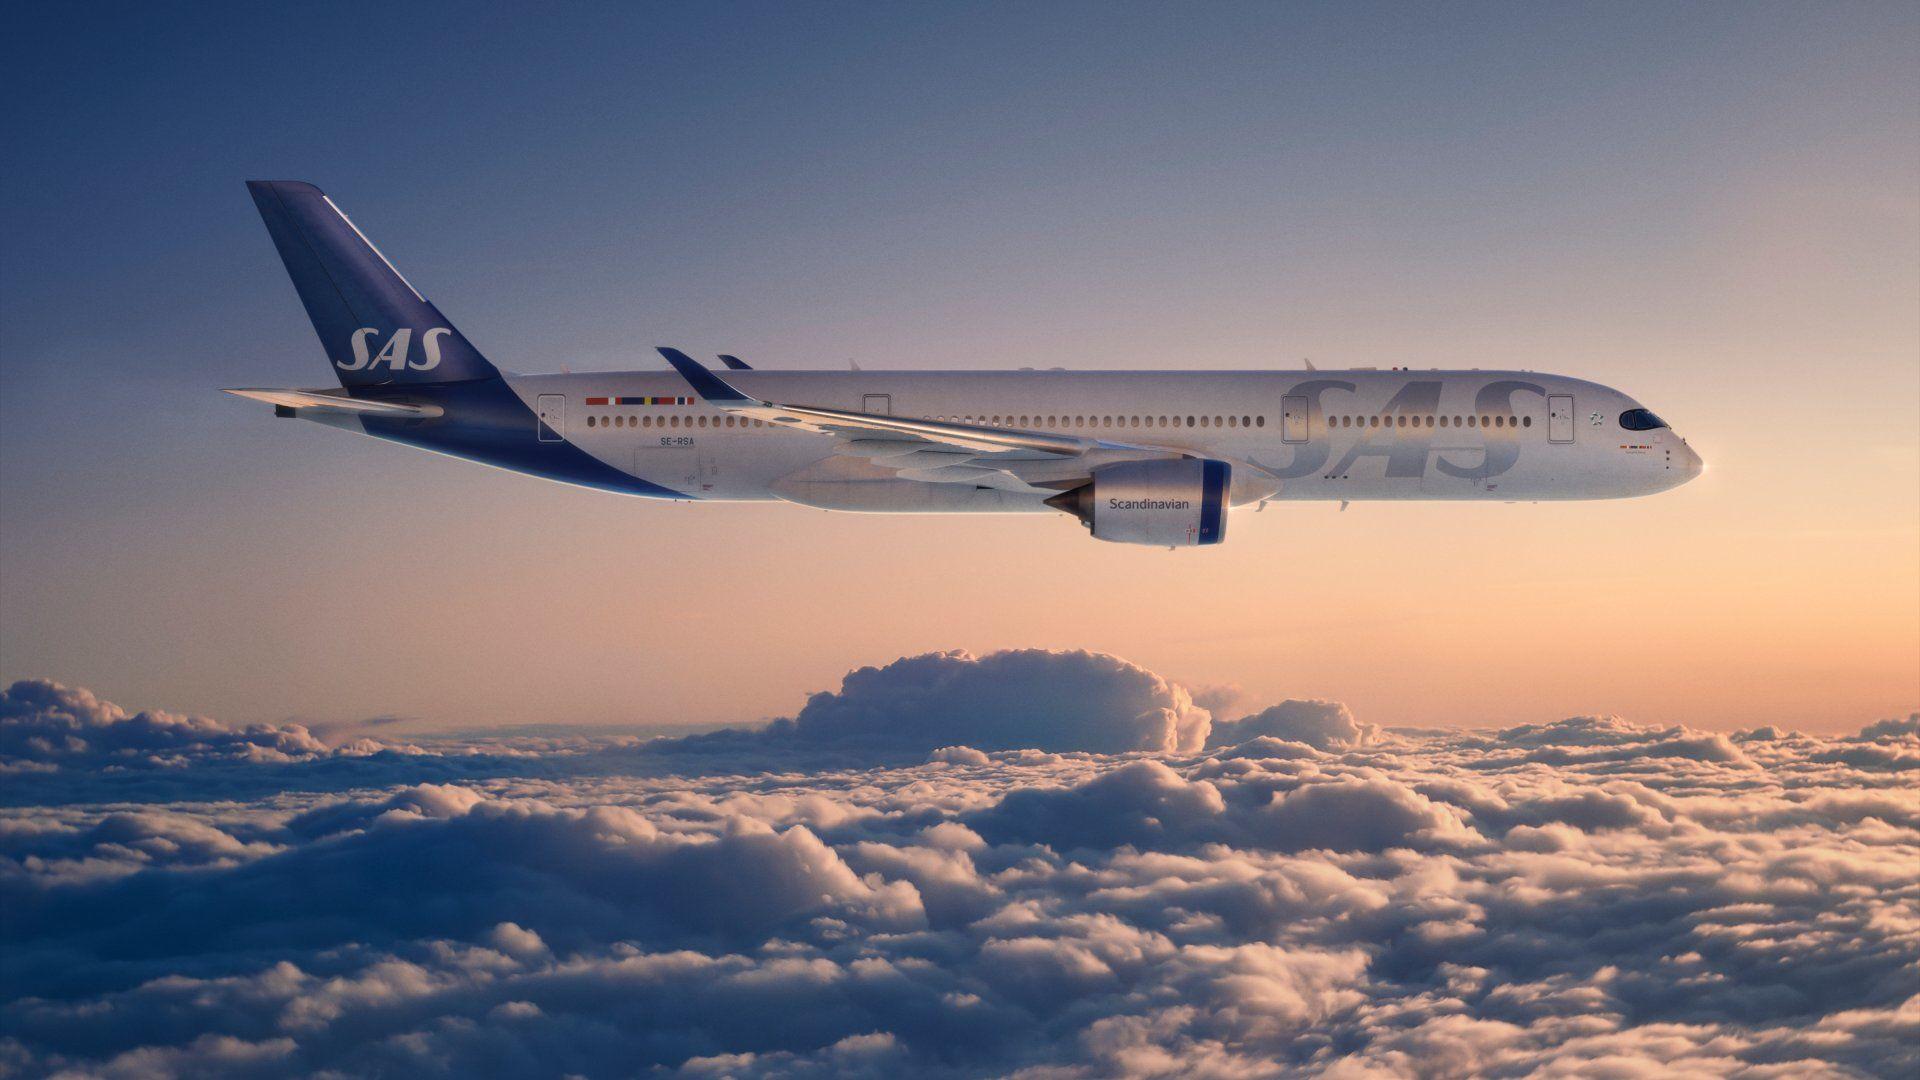 SAS légitársaság repülőgép